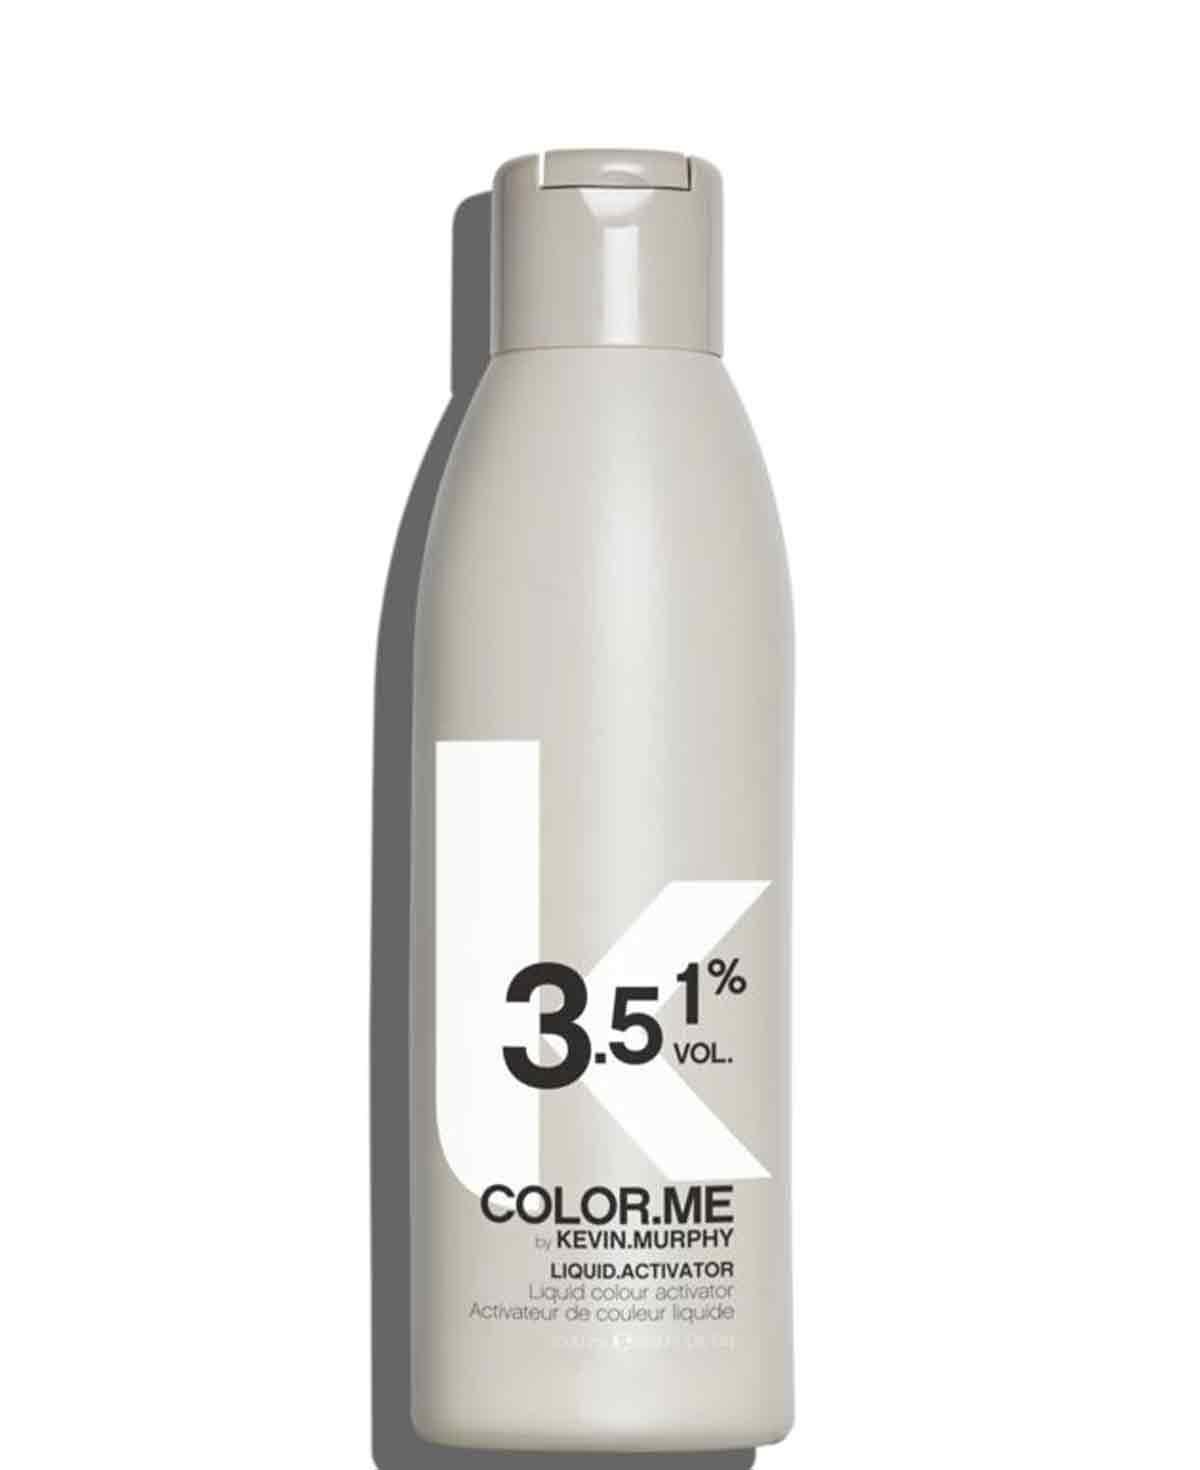 Kevin Murphy color.me Fix 3.5 Vol. (1%)